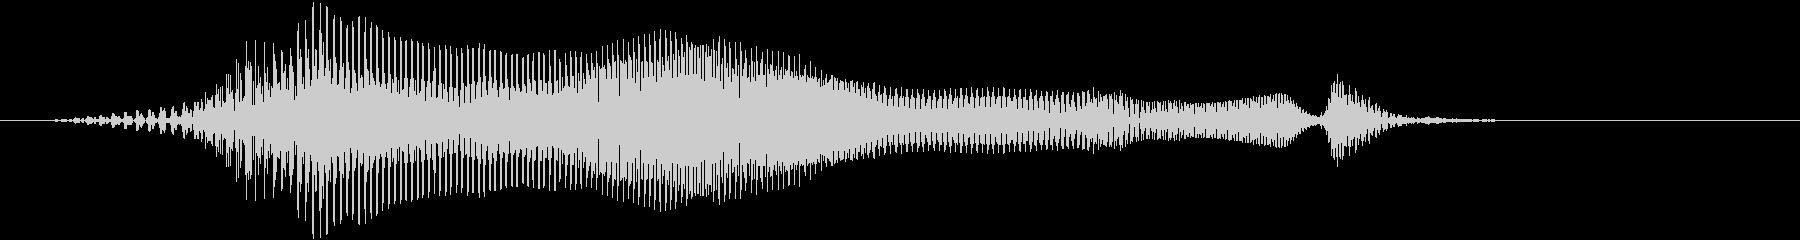 ラウンドの未再生の波形